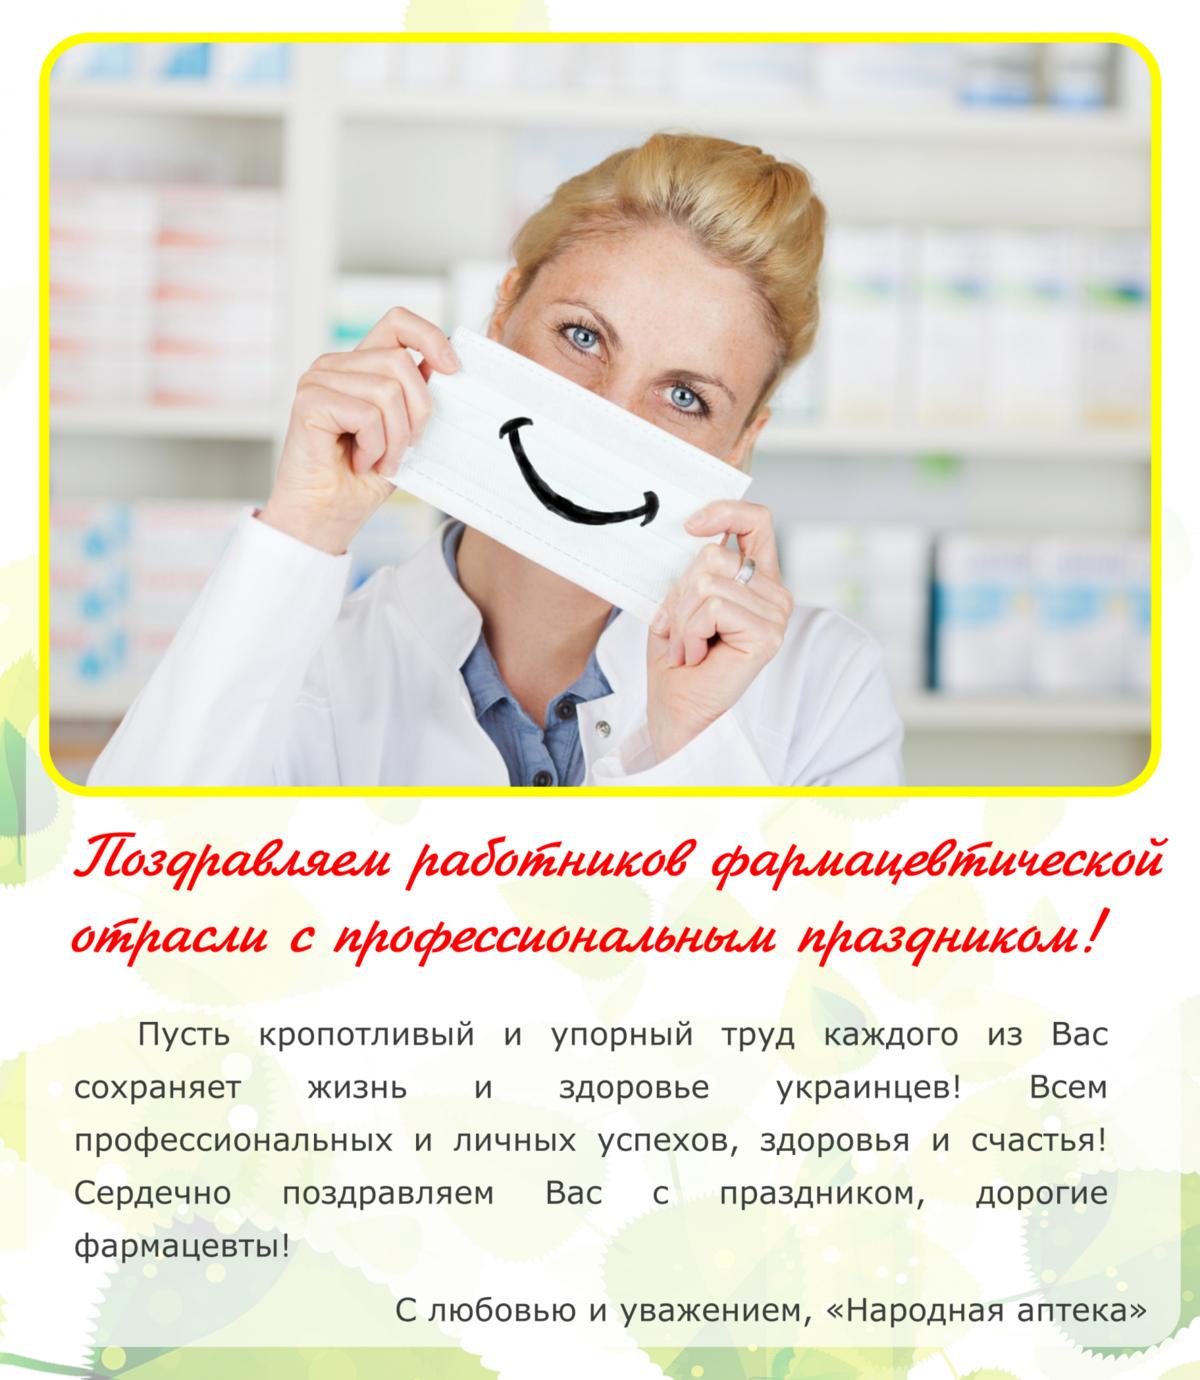 лучшие поздравления с днем фармацевта